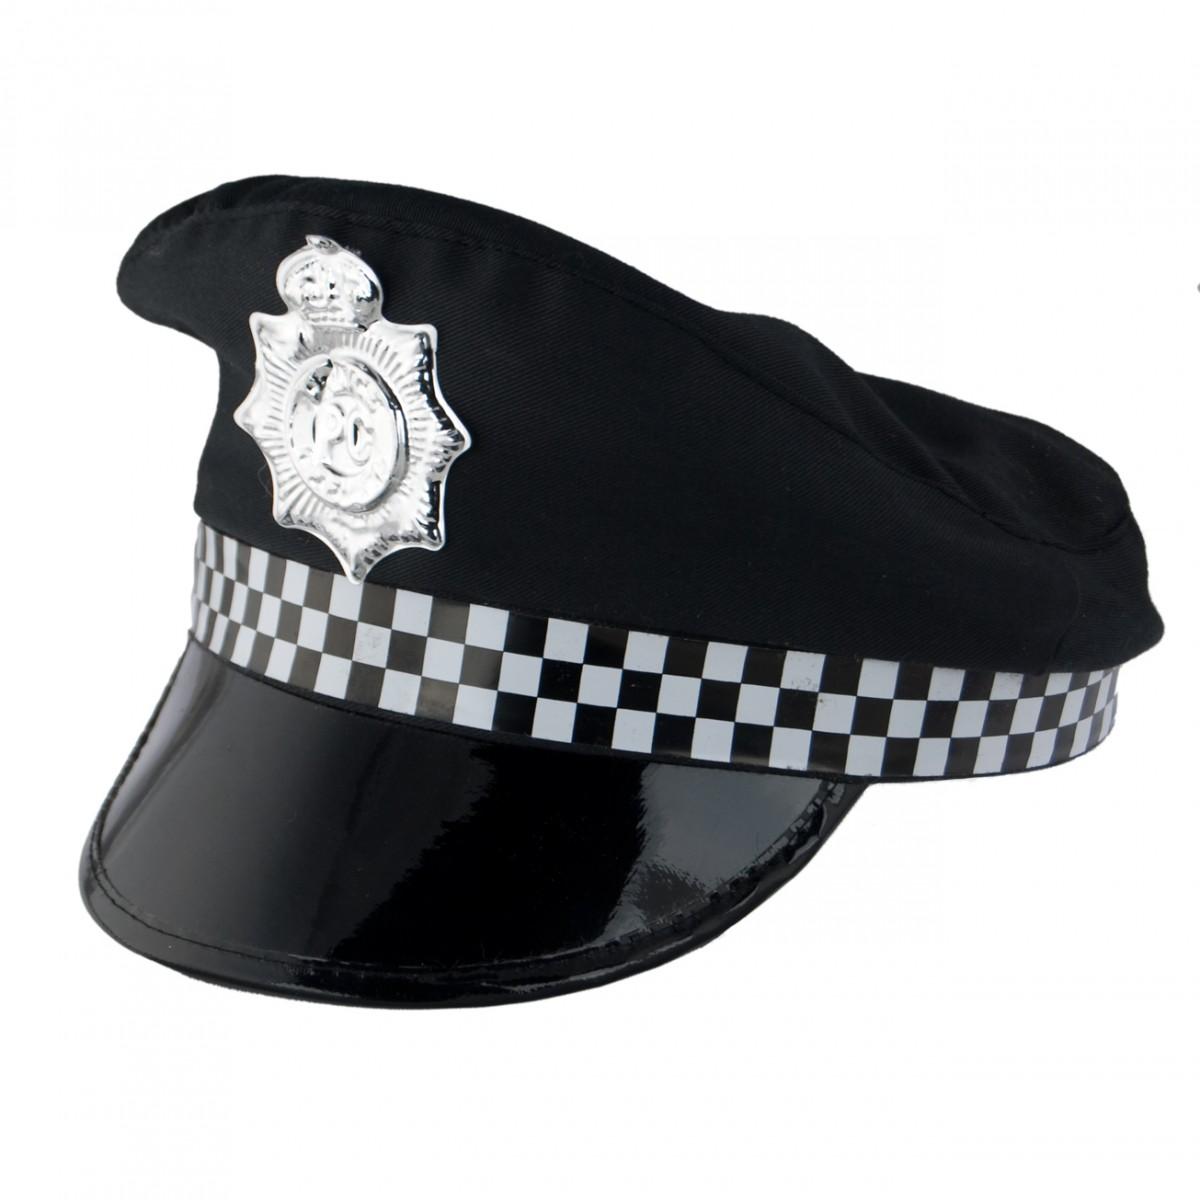 6763cae0fbec2 Gorra policia y complemento